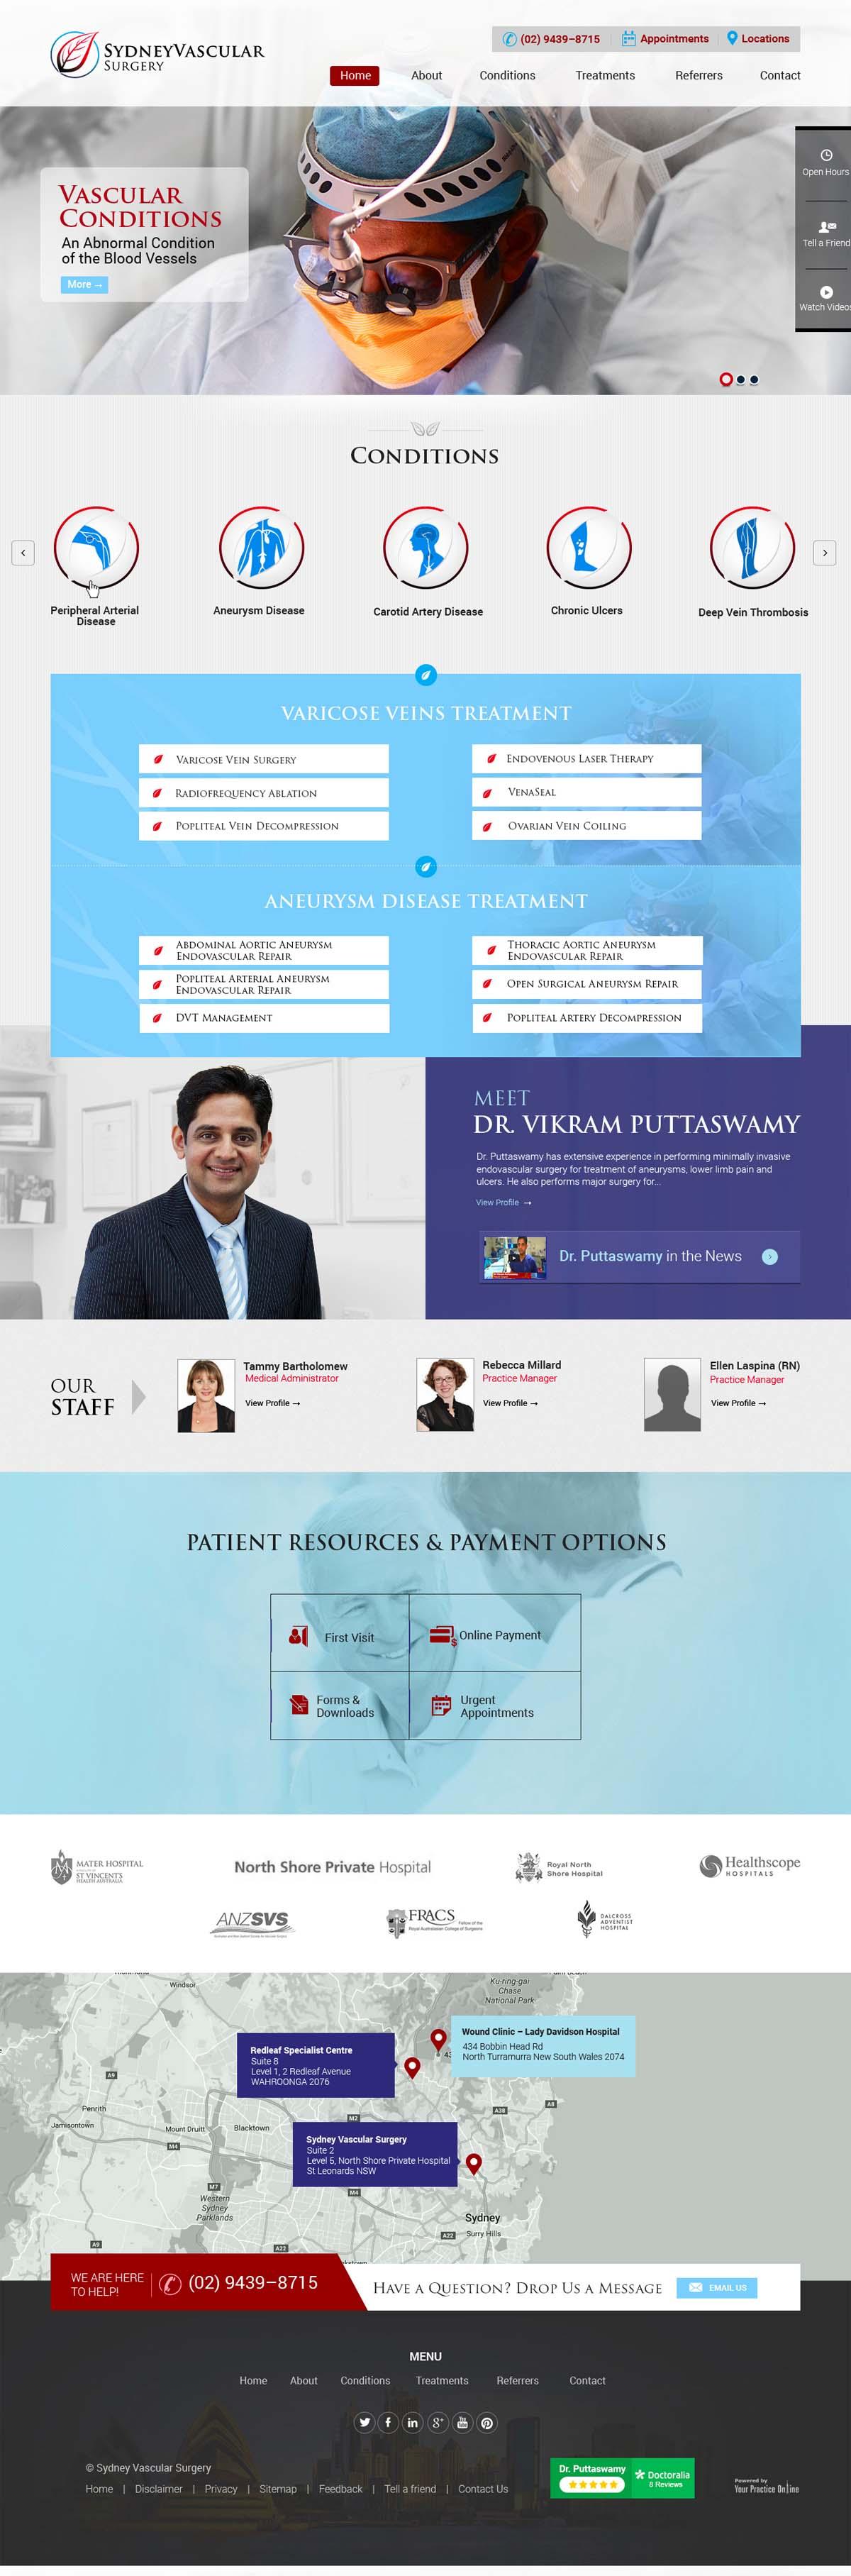 Sydney Vascular Surgeon